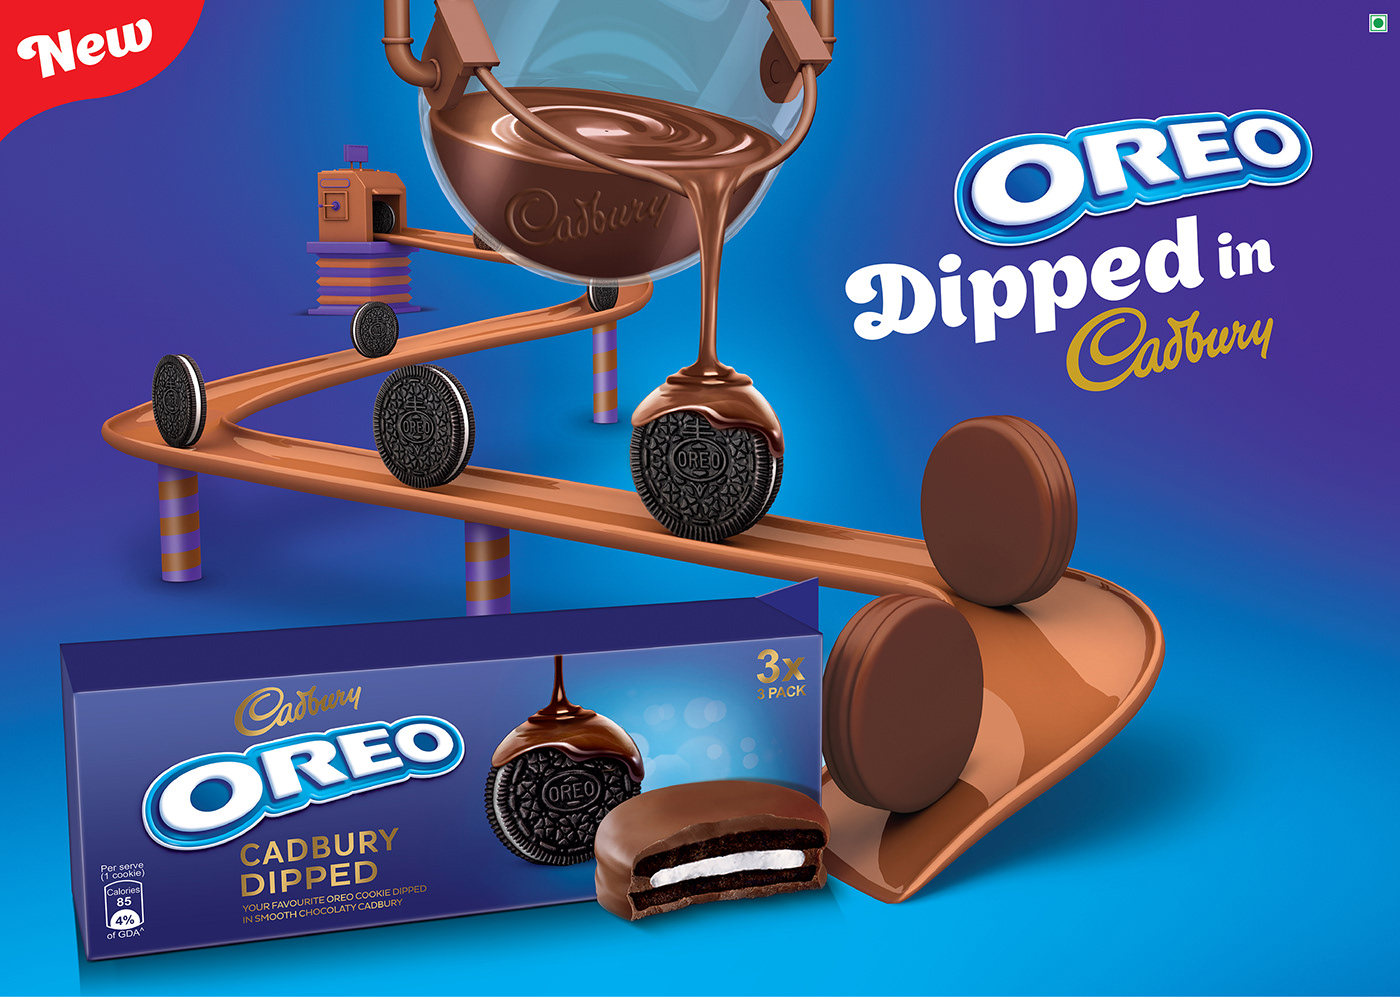 Cadbury Oreo Dipped